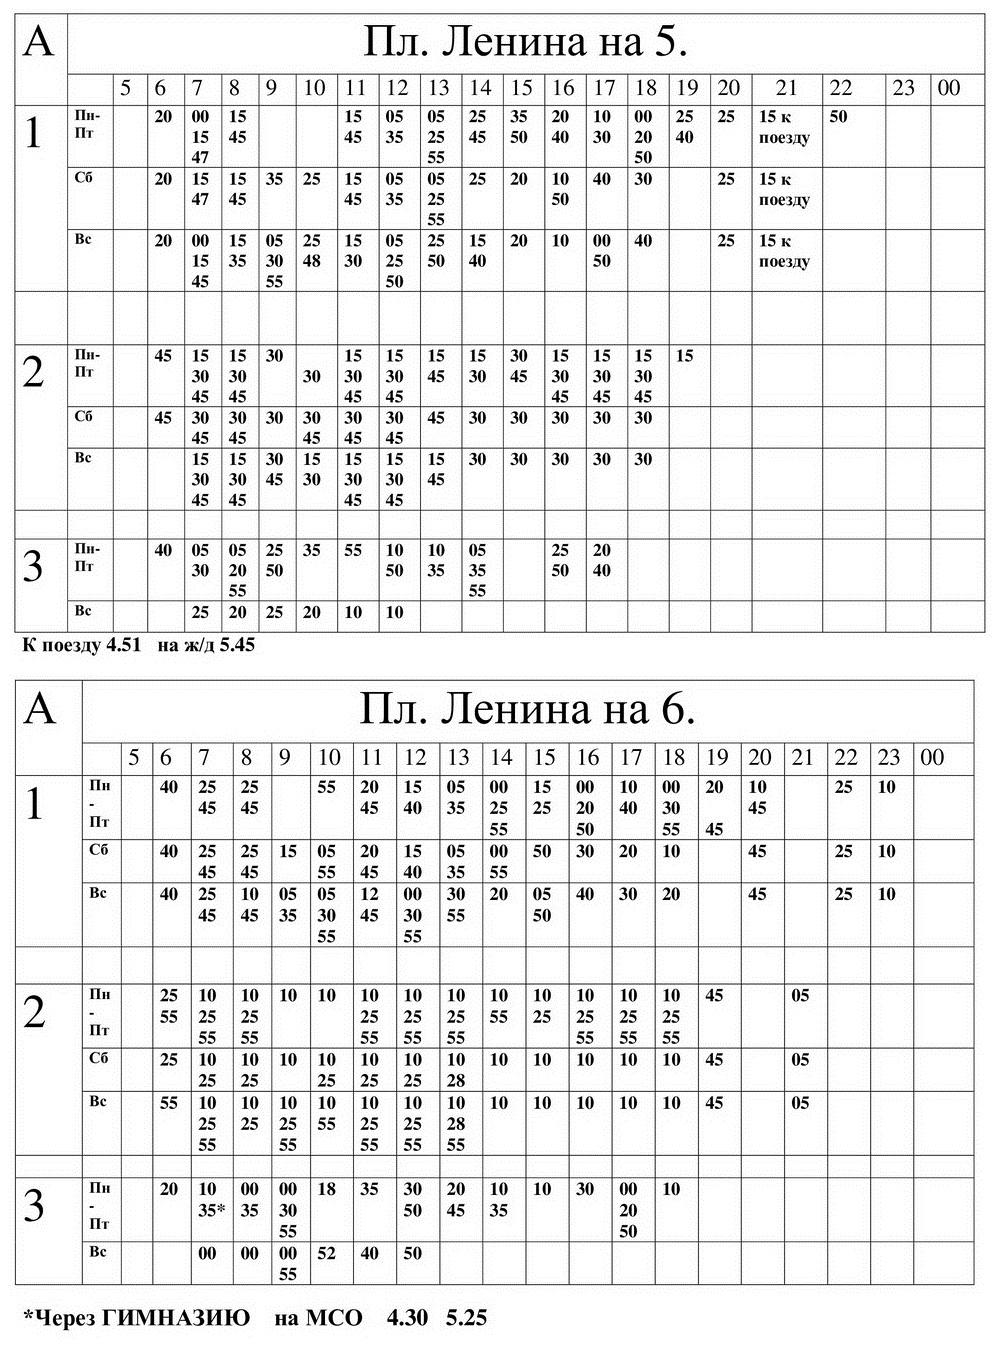 расписание городских автобусов г. Поставы с 21.01.2019г.-45